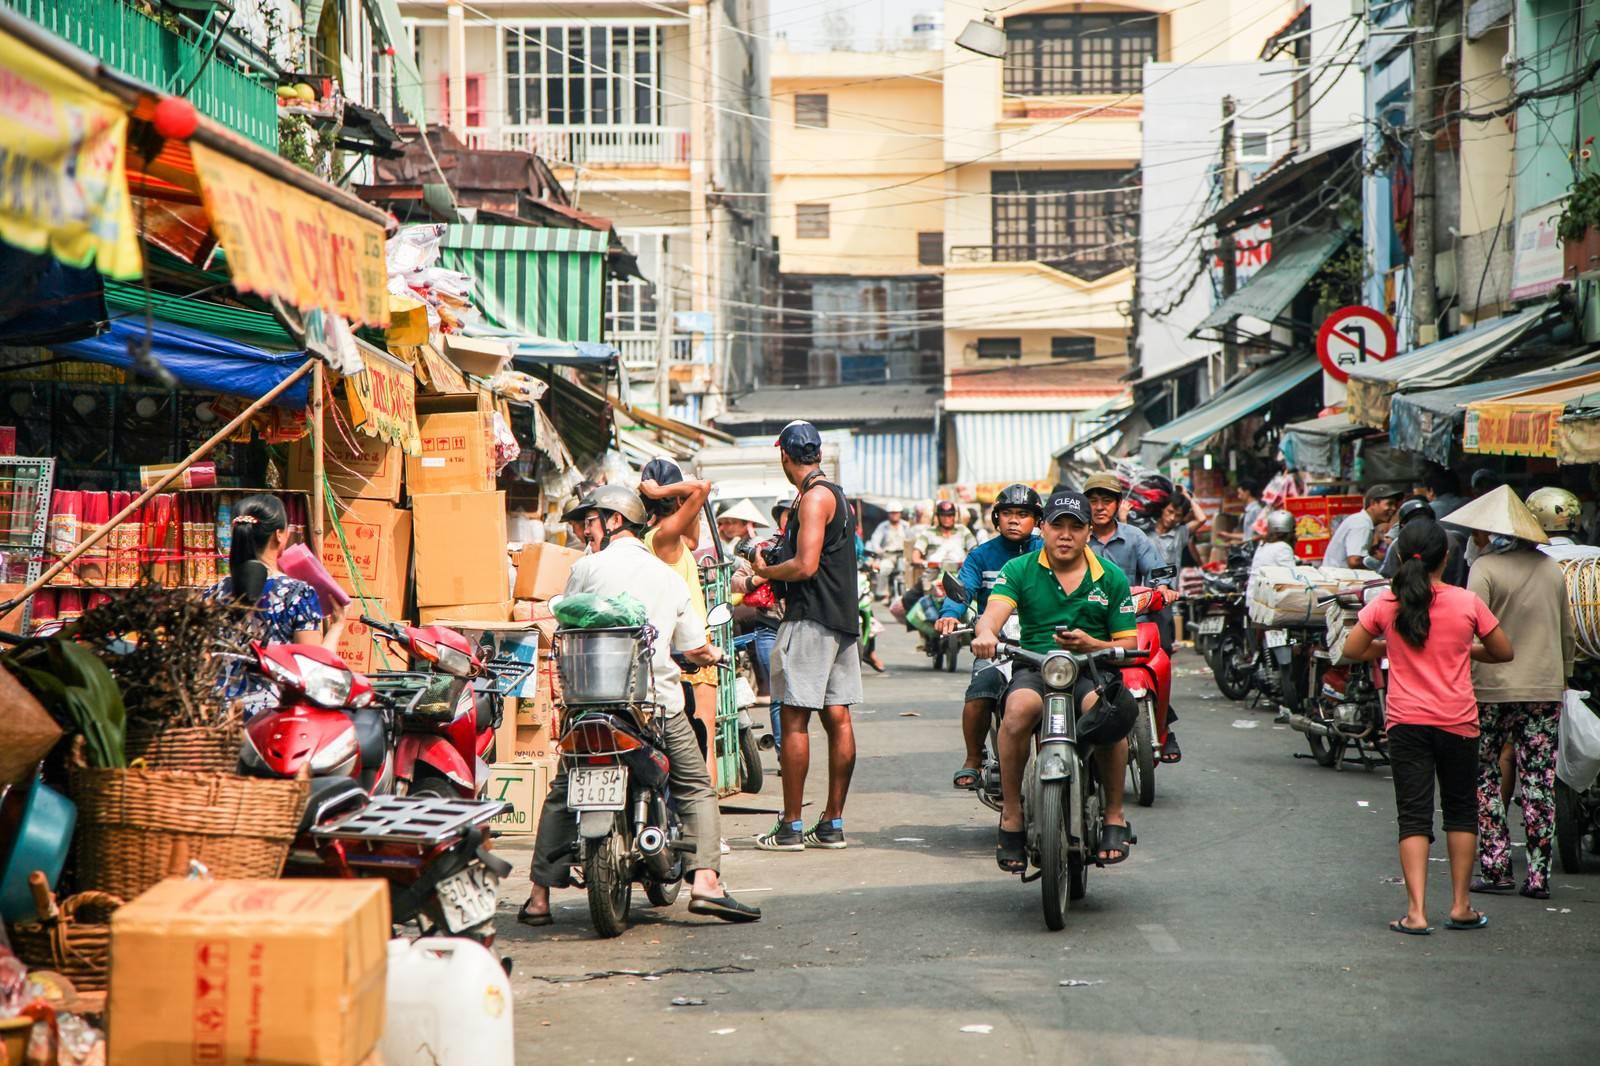 「ベトナム(ホーチミン)の下町マーケットベトナム(ホーチミン)の下町マーケット」のフリー写真素材を拡大